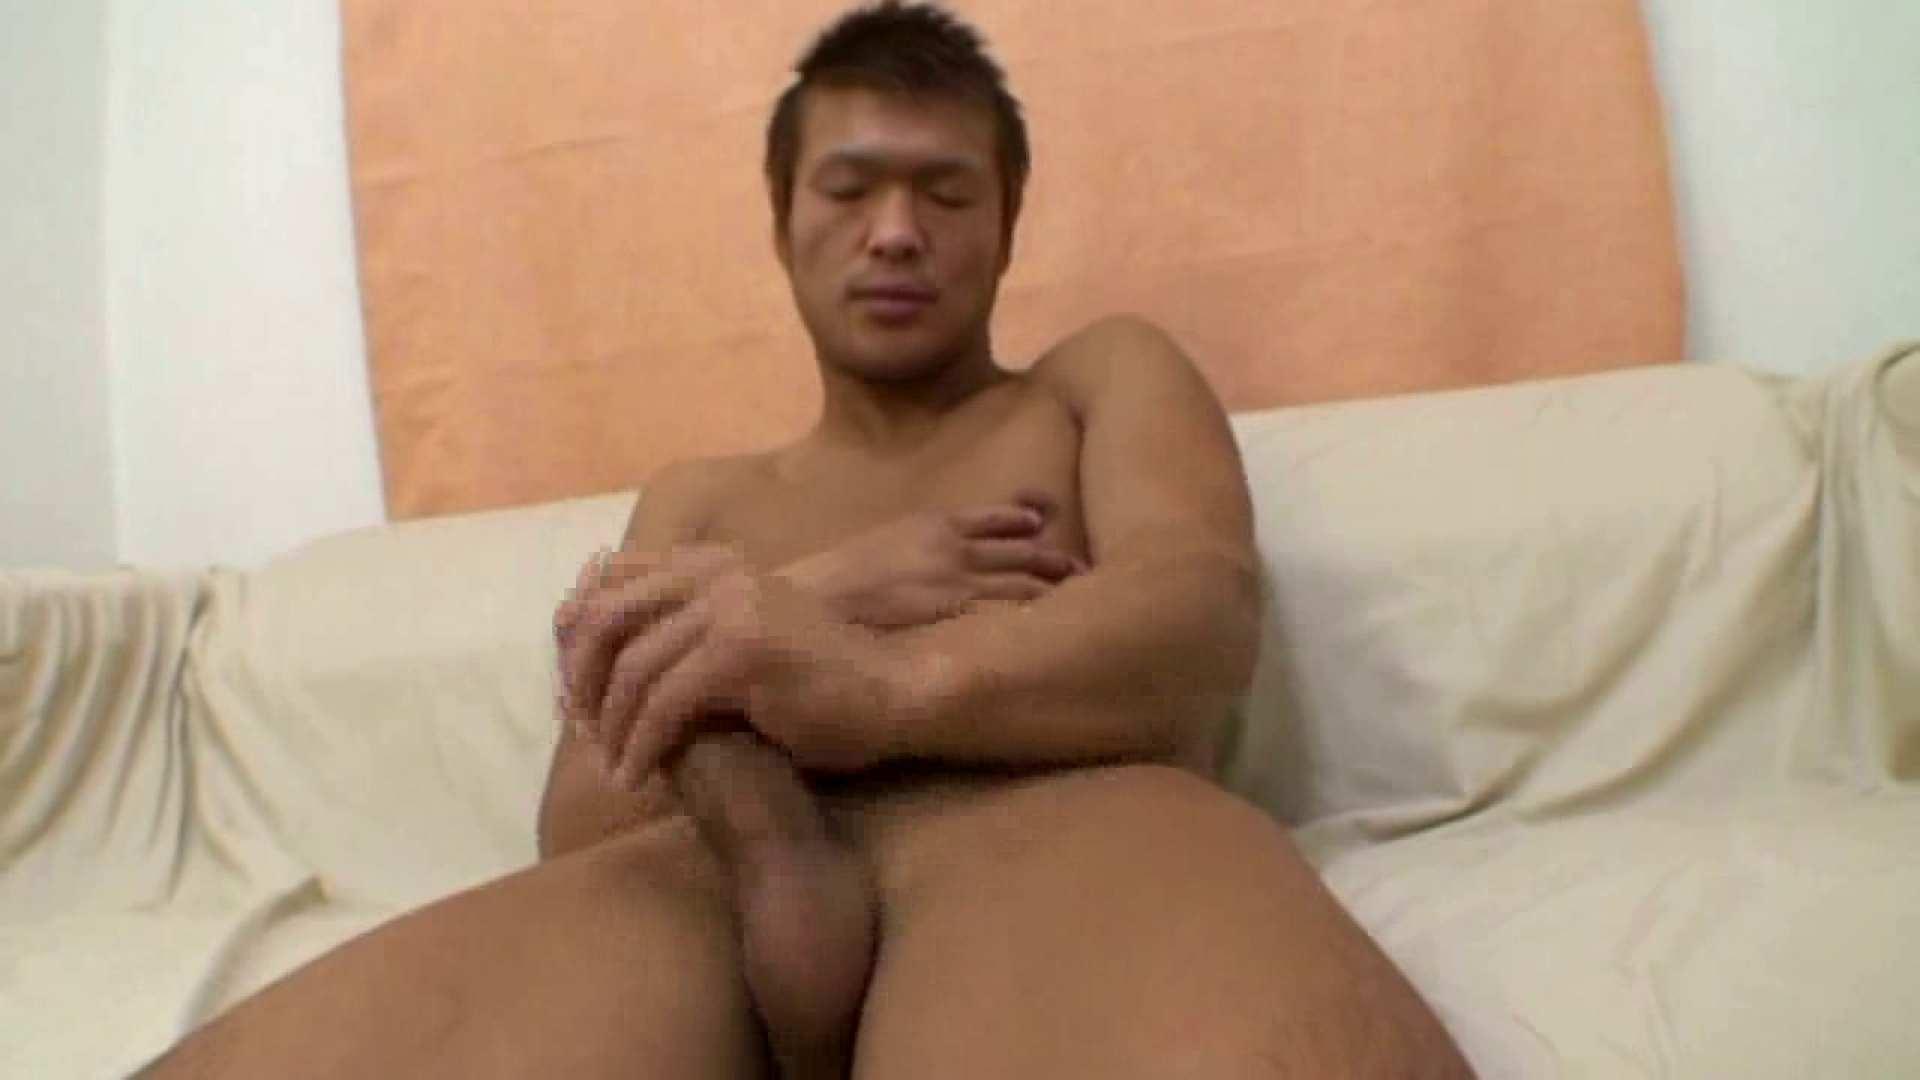 ノンケ!自慰スタジオ No.31 無修正 エロビデオ紹介 102pic 84